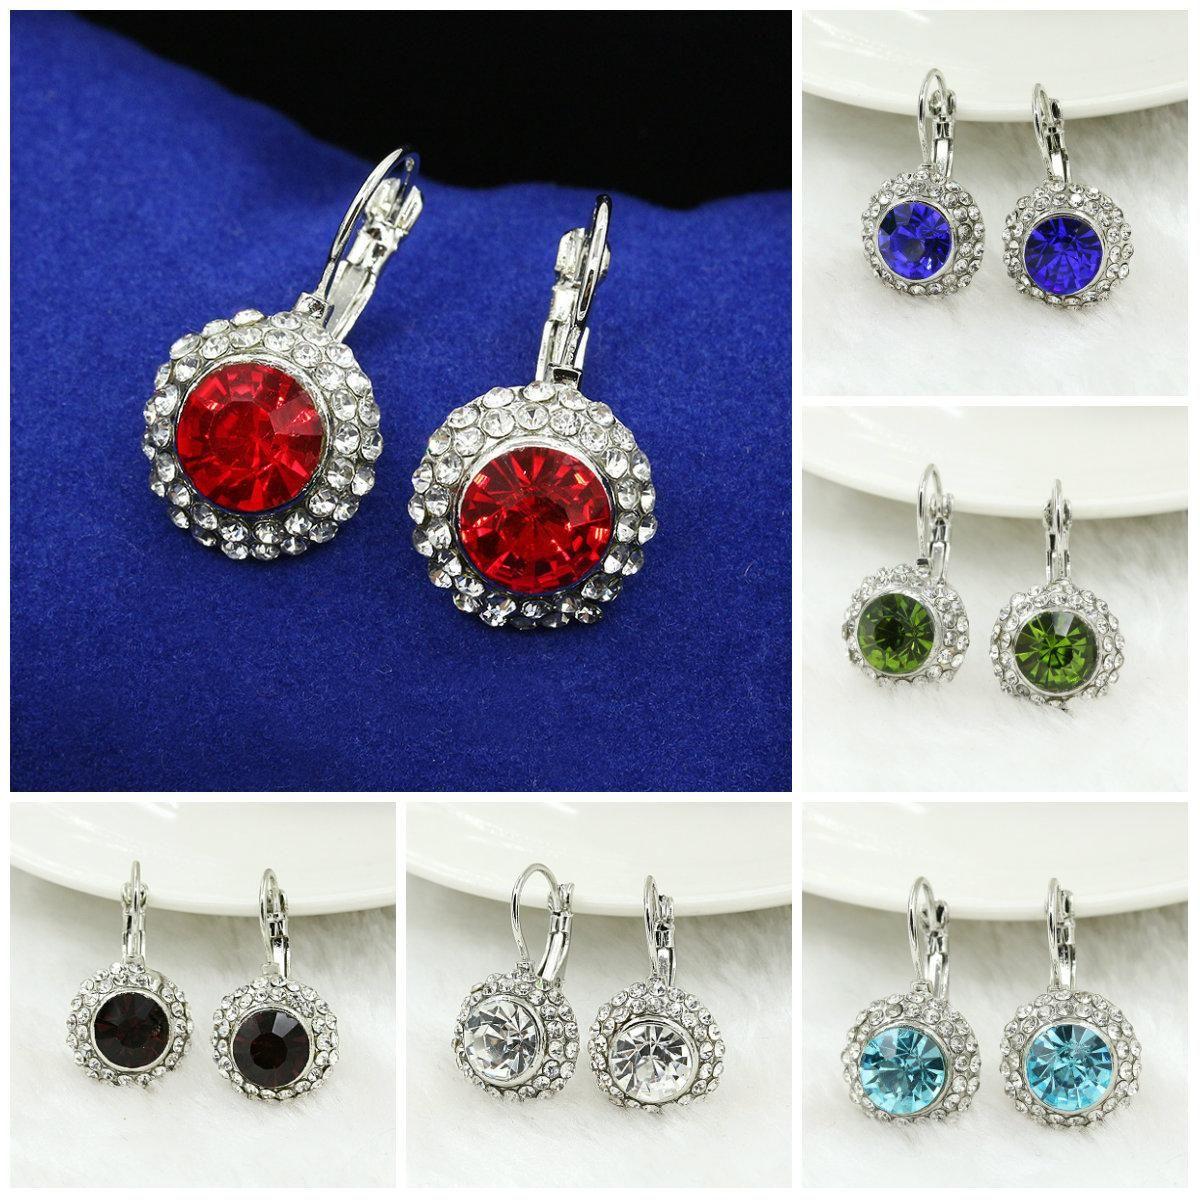 eea38db9b3c6 Compre Pendientes Para Las Mujeres Chapado En Plata Swarovski Jewelry  Elegante Rose Redondo Moon River Pendientes Para Las Mujeres Pendientes De  Cristal ...